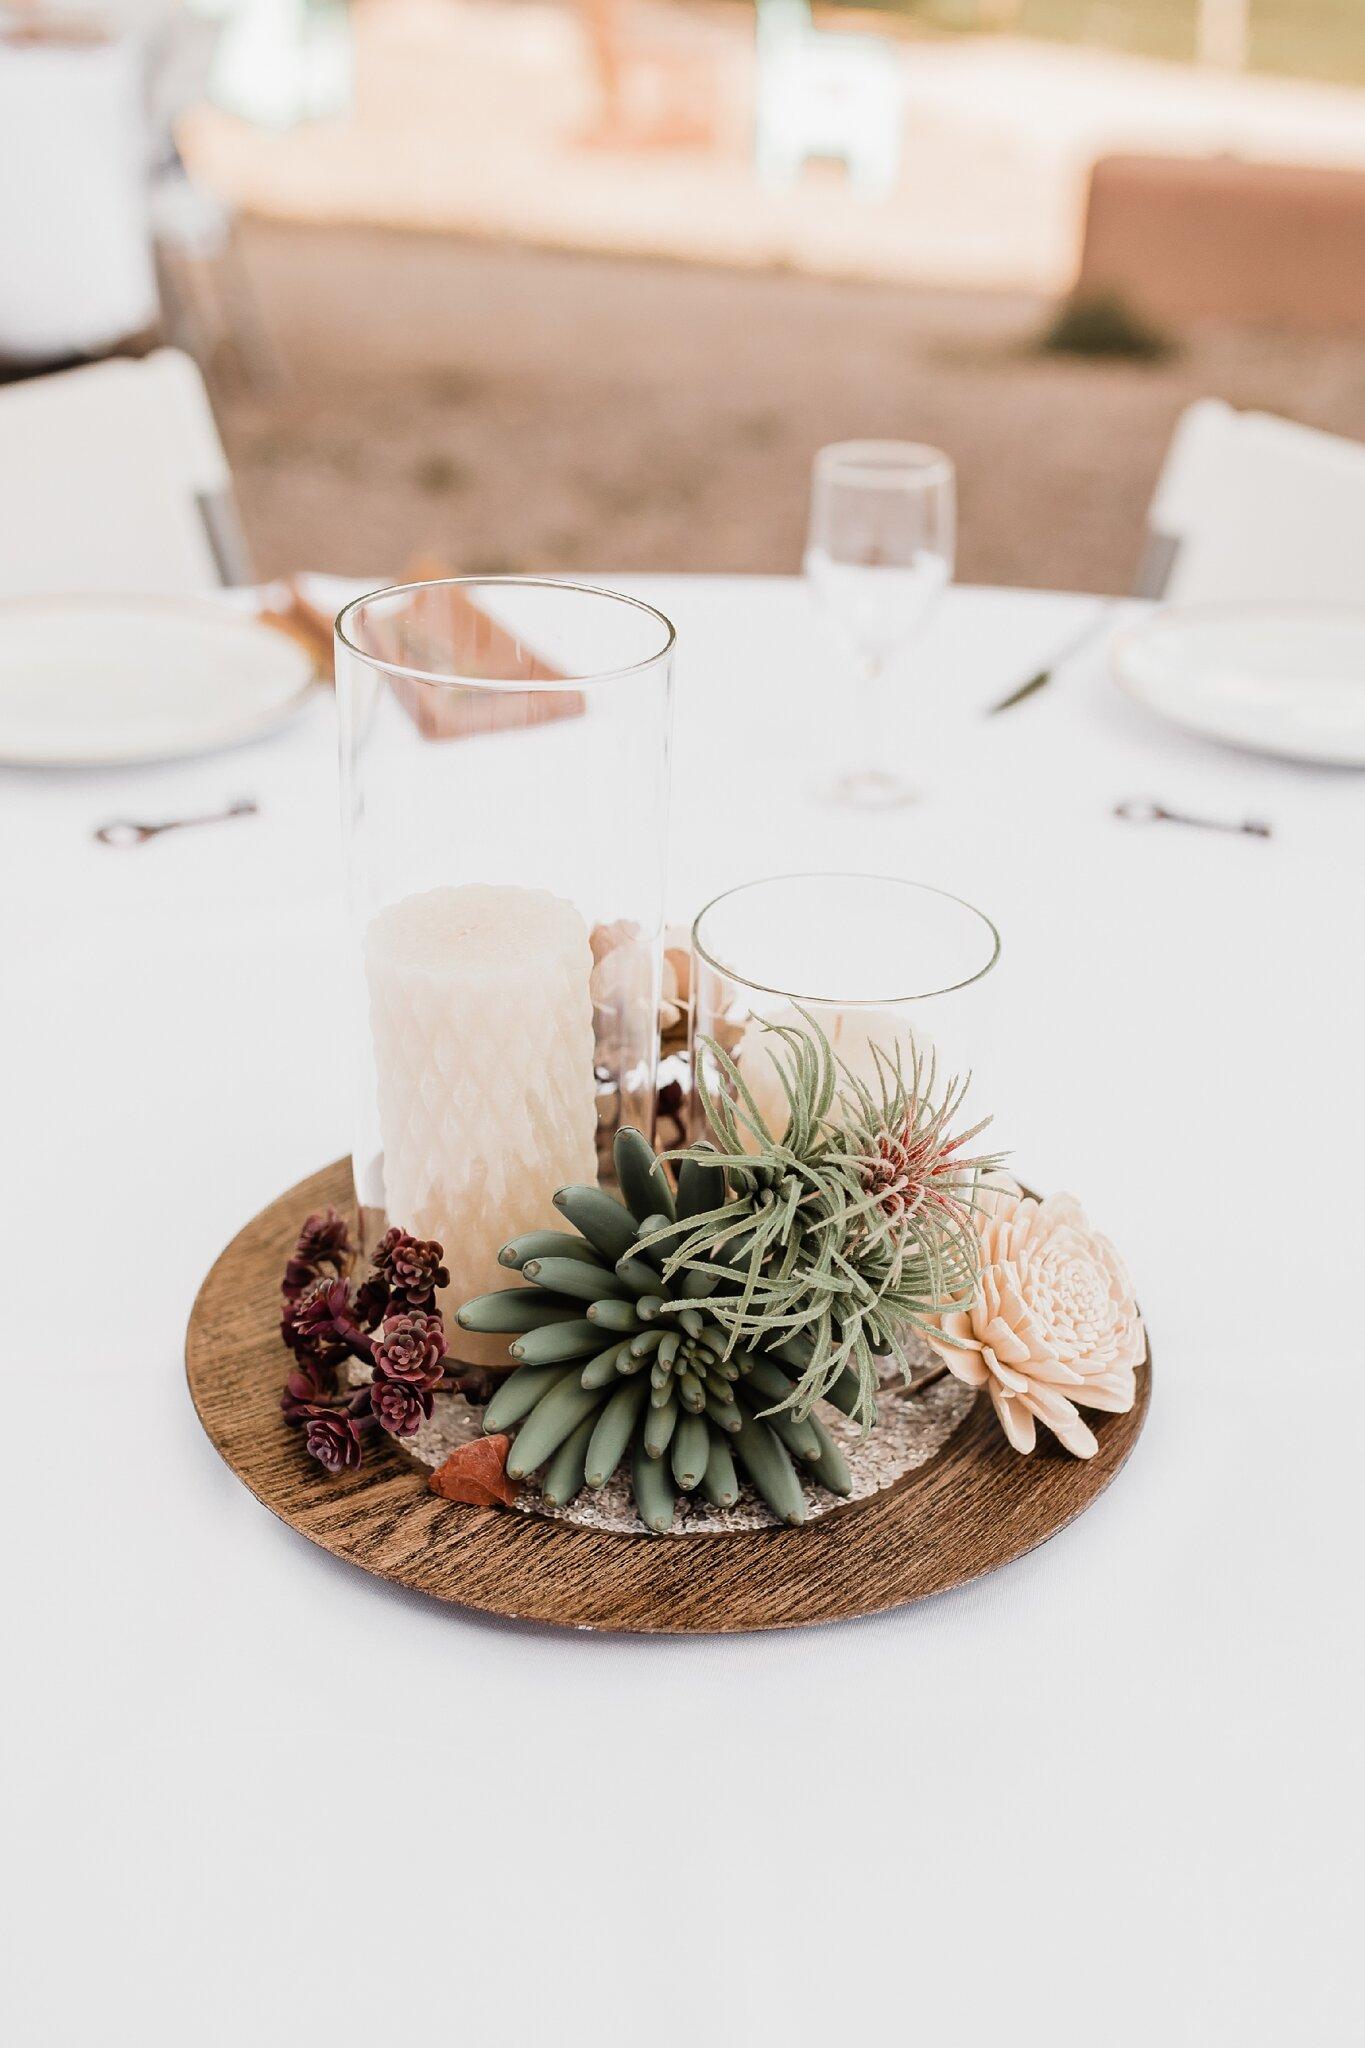 Alicia+lucia+photography+-+albuquerque+wedding+photographer+-+santa+fe+wedding+photography+-+new+mexico+wedding+photographer+-+new+mexico+wedding+-+wedding+-+santa+fe+wedding+-+ghost+ranch+-+ghost+ranch+wedding+-+fall+wedding_0069.jpg